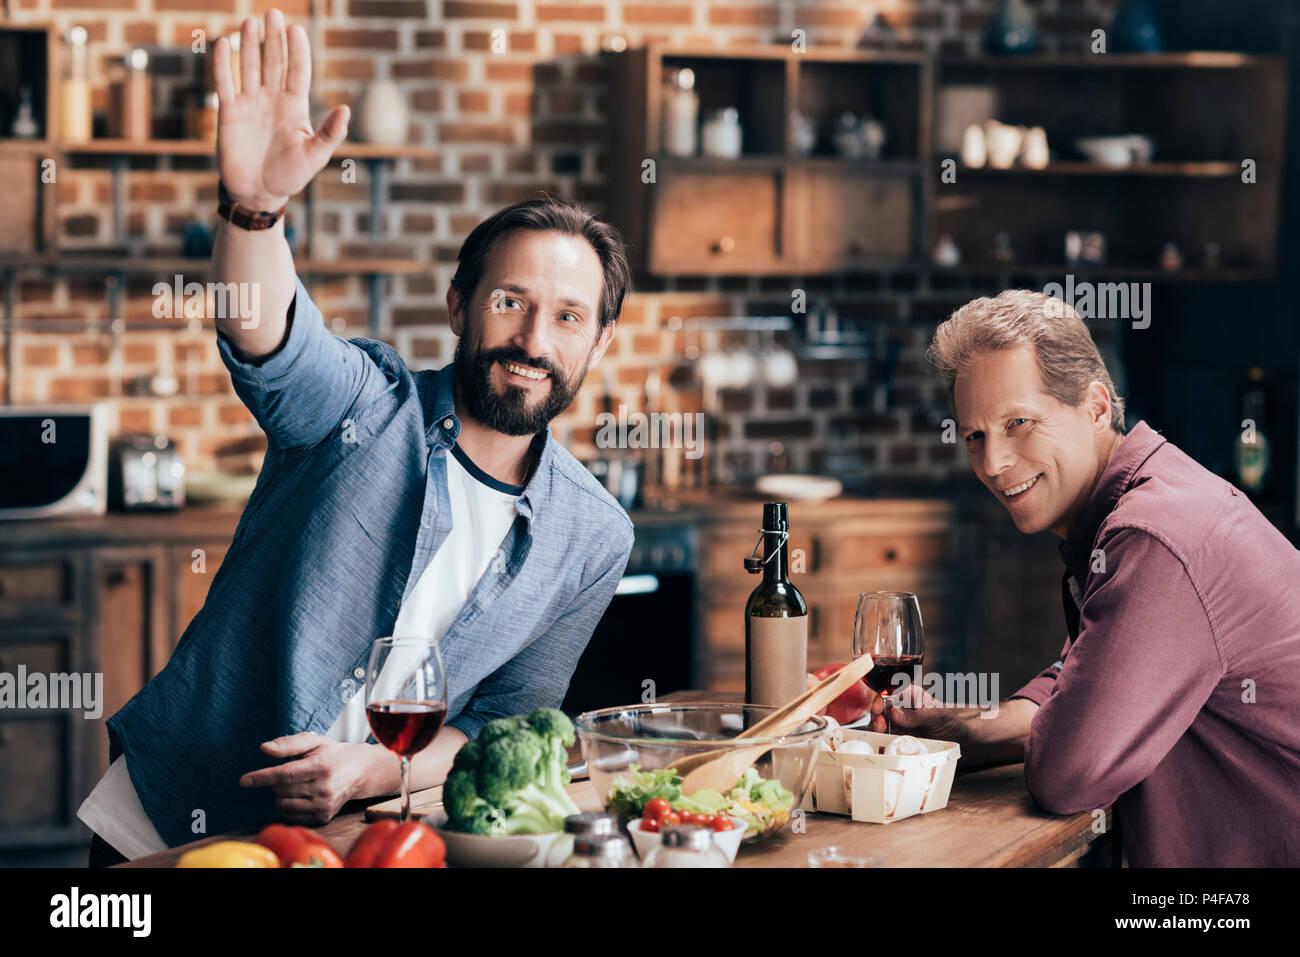 Freundliche Männer mittleren Alters, Wein trinken und winkende Hand, während das gemeinsame Kochen in der Küche Stockbild